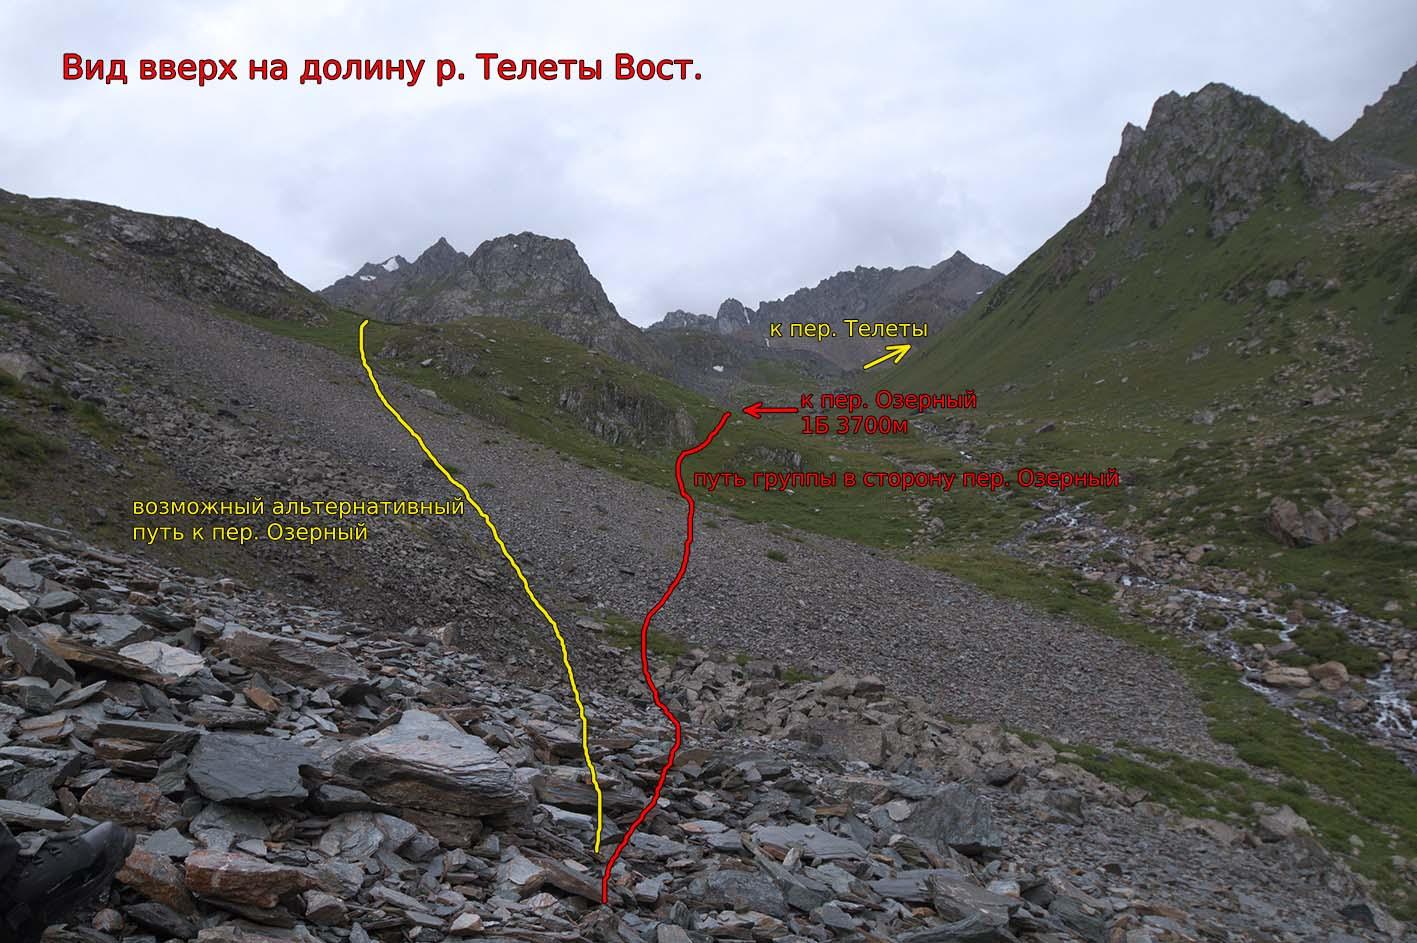 Путь к пер. Озерный (1Б, 3700) и пер. Телеты из долины р. Телеты вост.